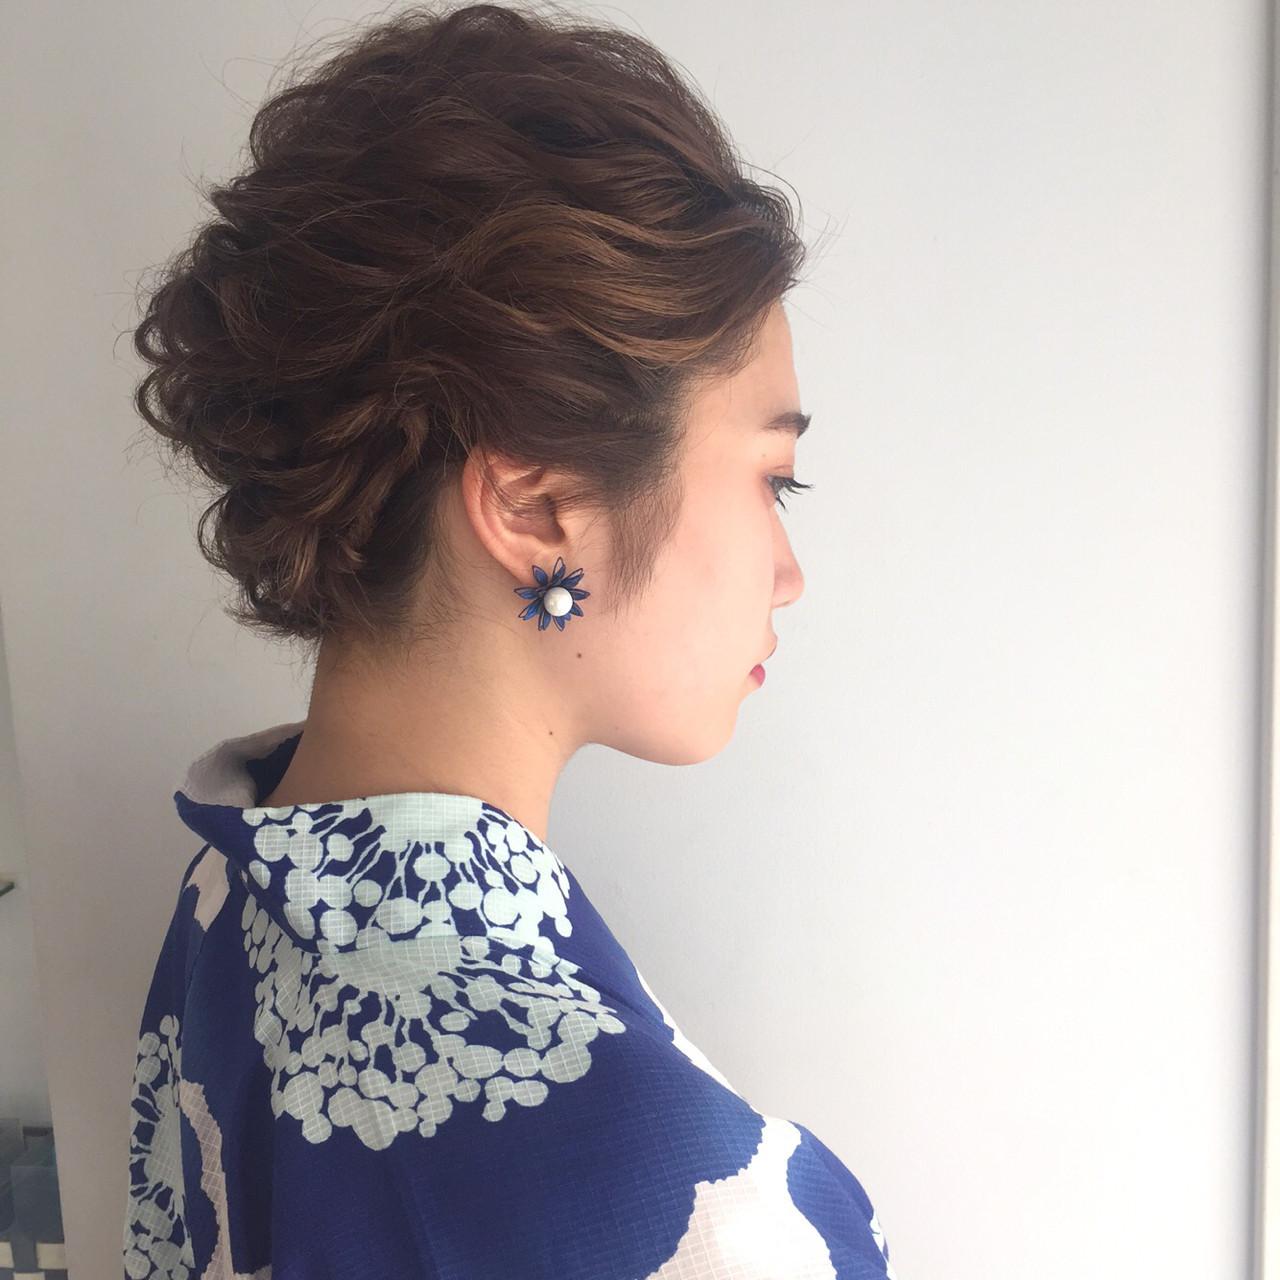 前髪アップで上品な美人スタイル 三大寺 慶悟